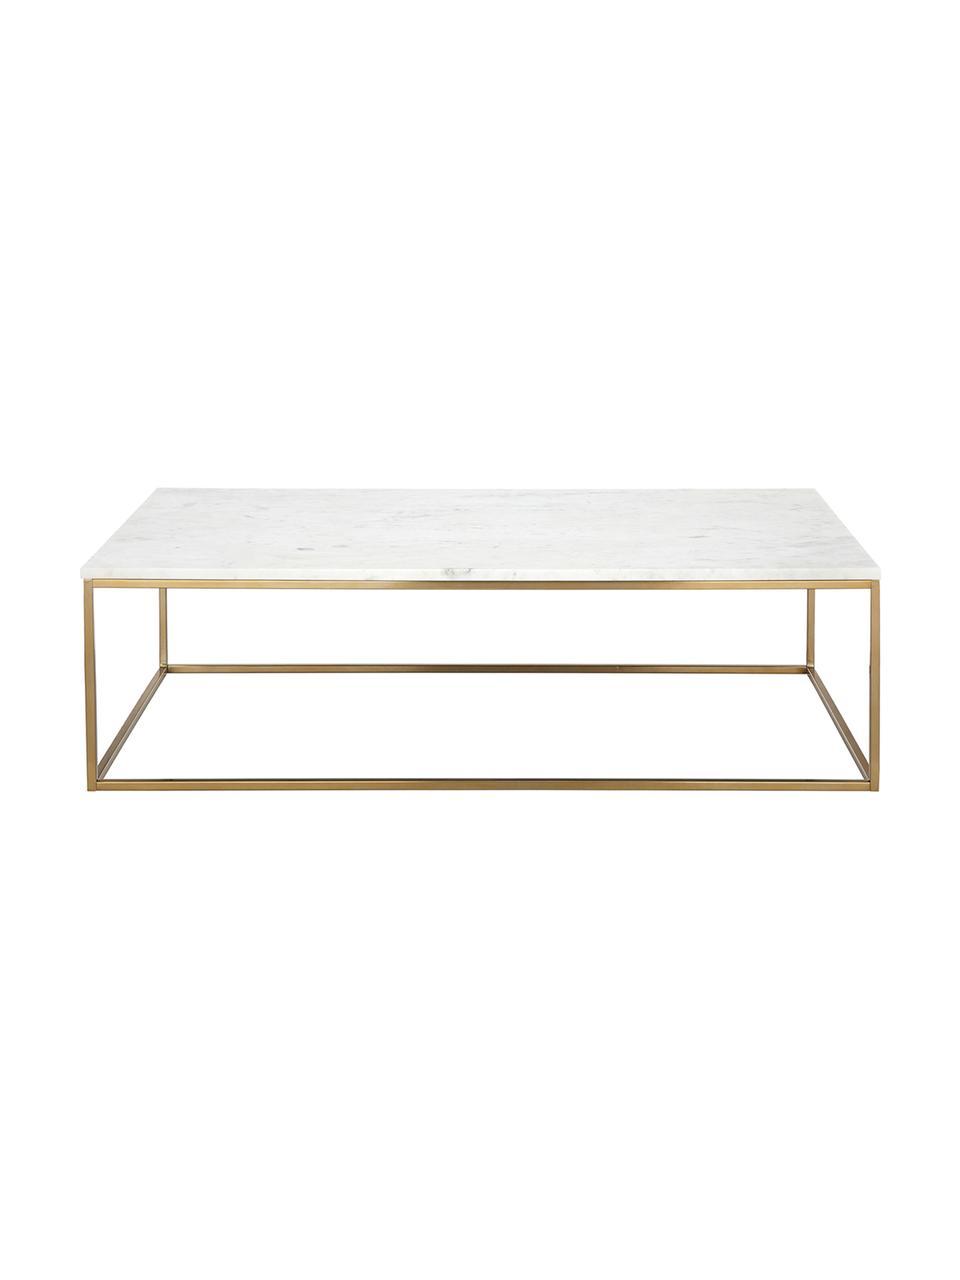 Tavolino da salotto con piano in marmo Alys, Piano d'appoggio: pietra naturale di marmo, Struttura: metallo rivestito, Marmo bianco, dorato, Larg. 120 x Alt. 35 cm